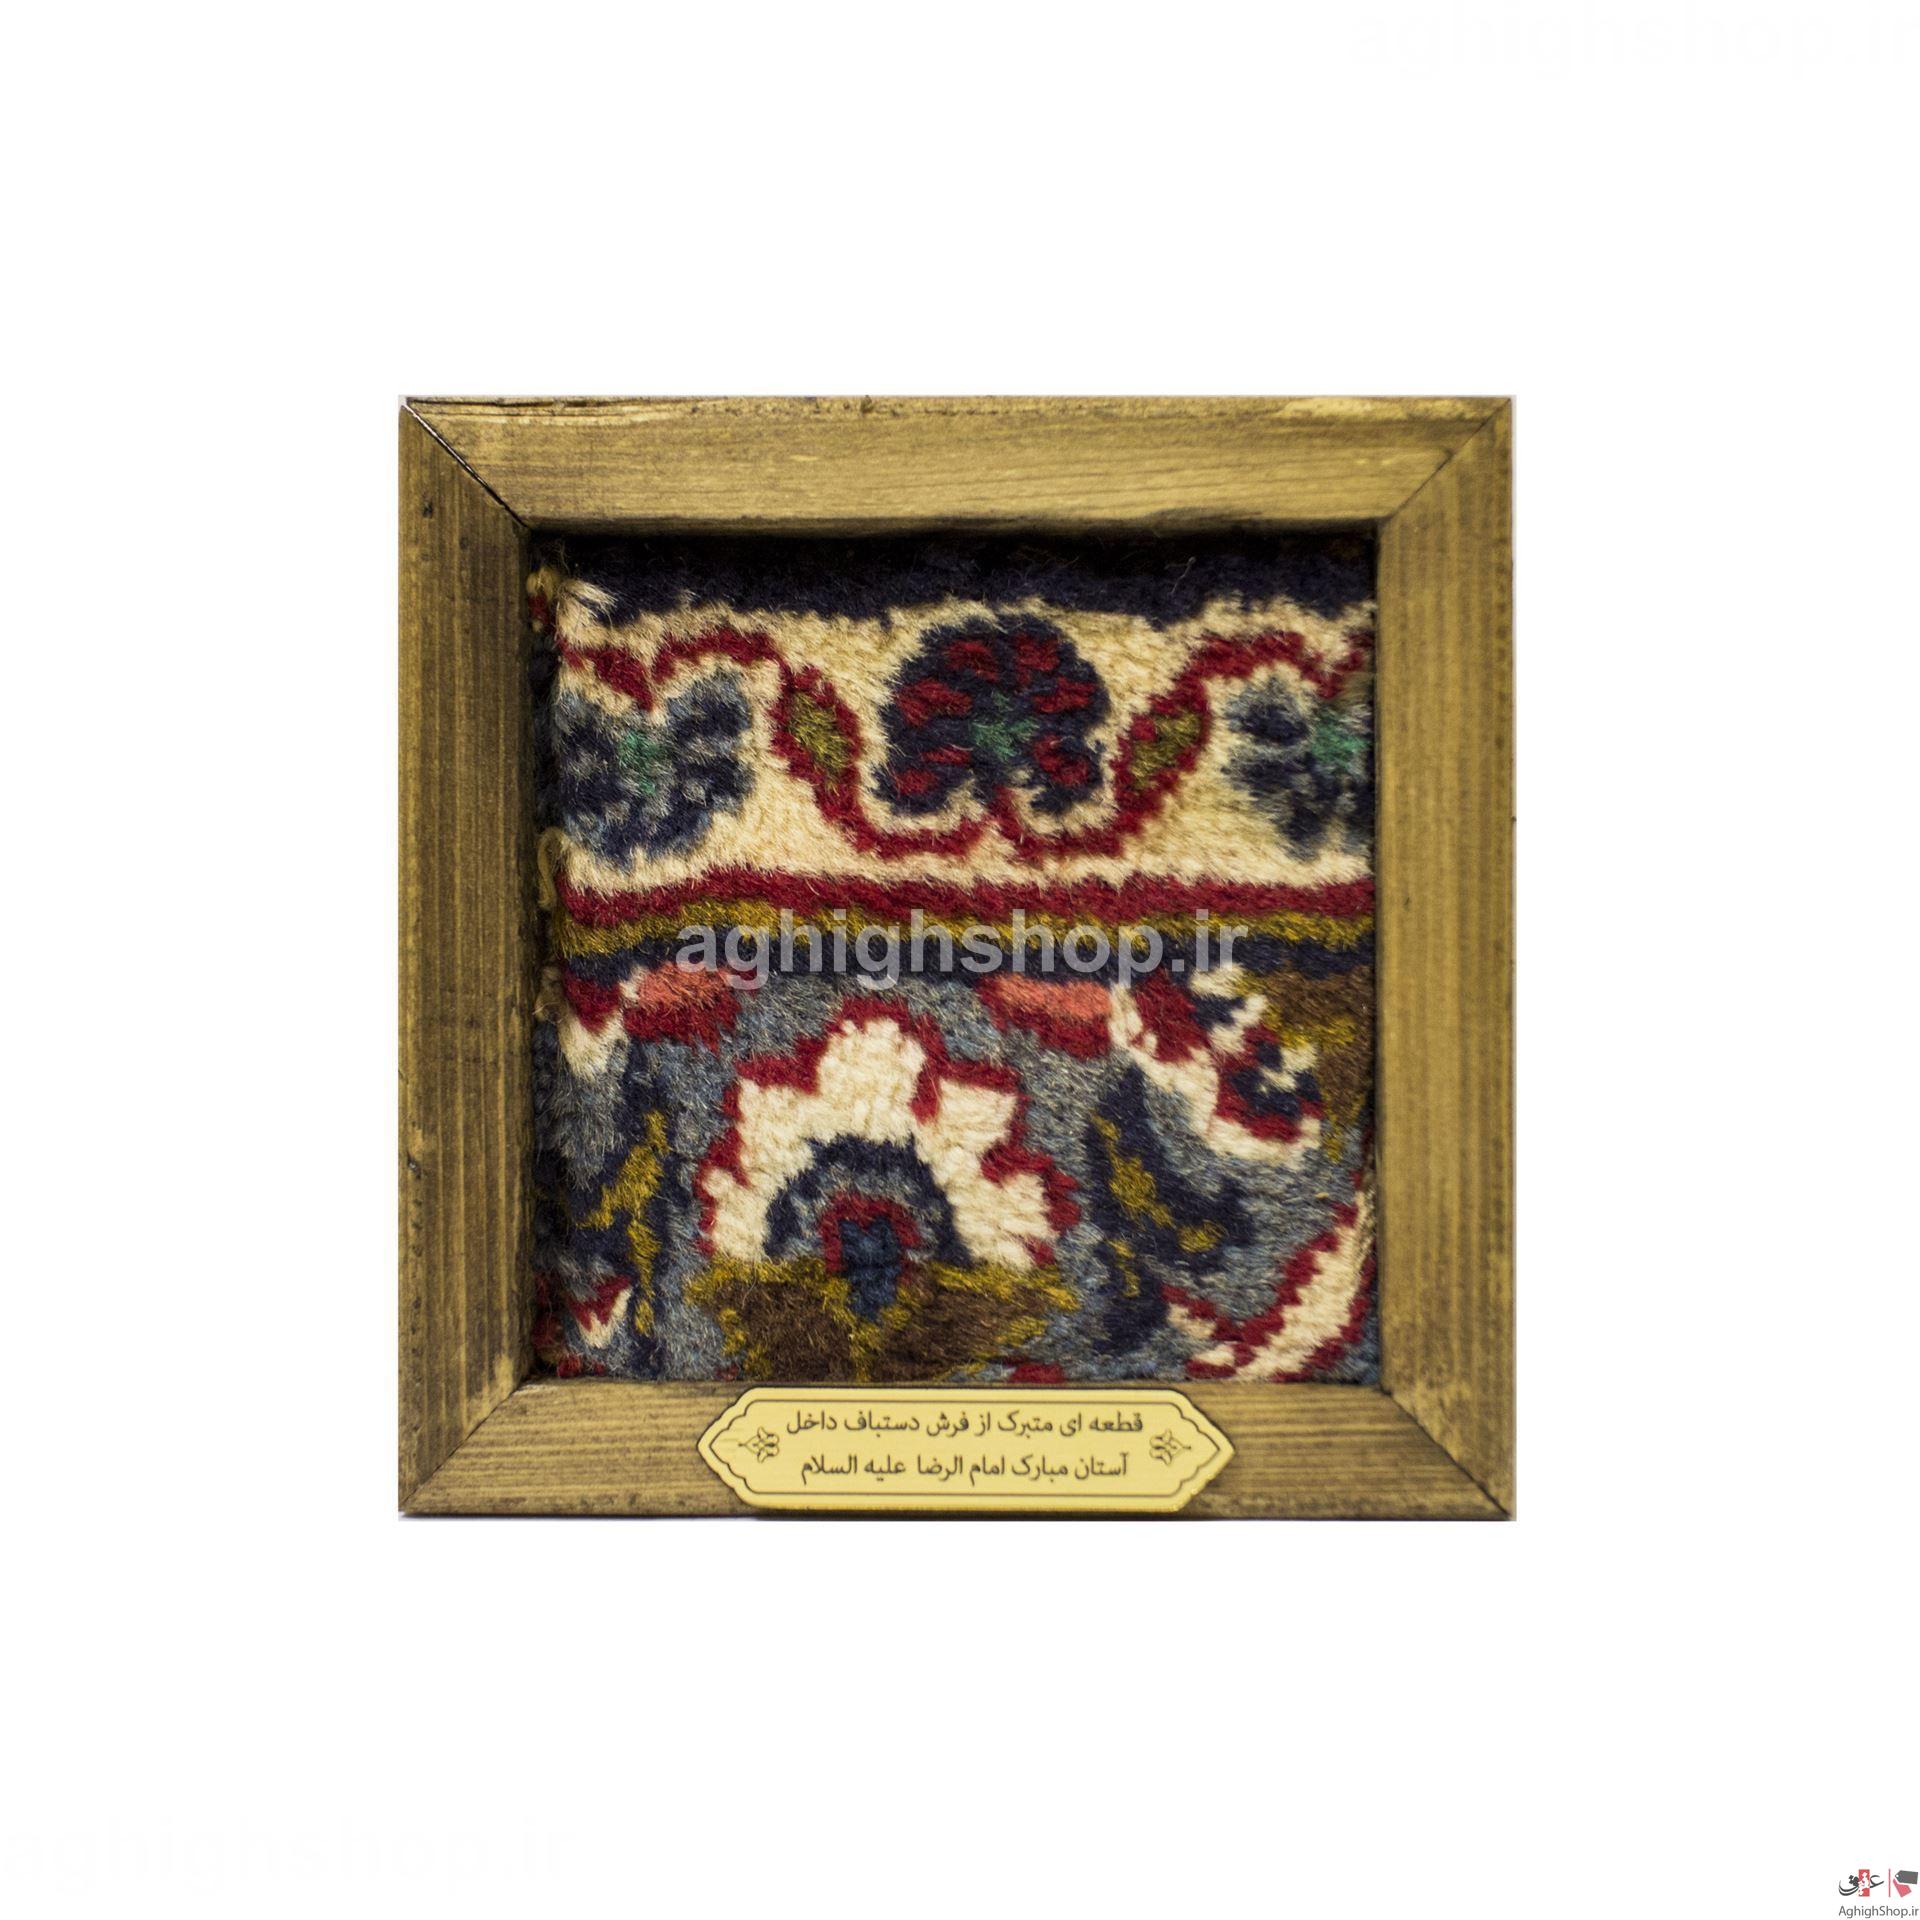 تصویر از قاب فرش انیس (۱۴×۱۴) - فرش دستباف حرم امام رضا علیهالسلام